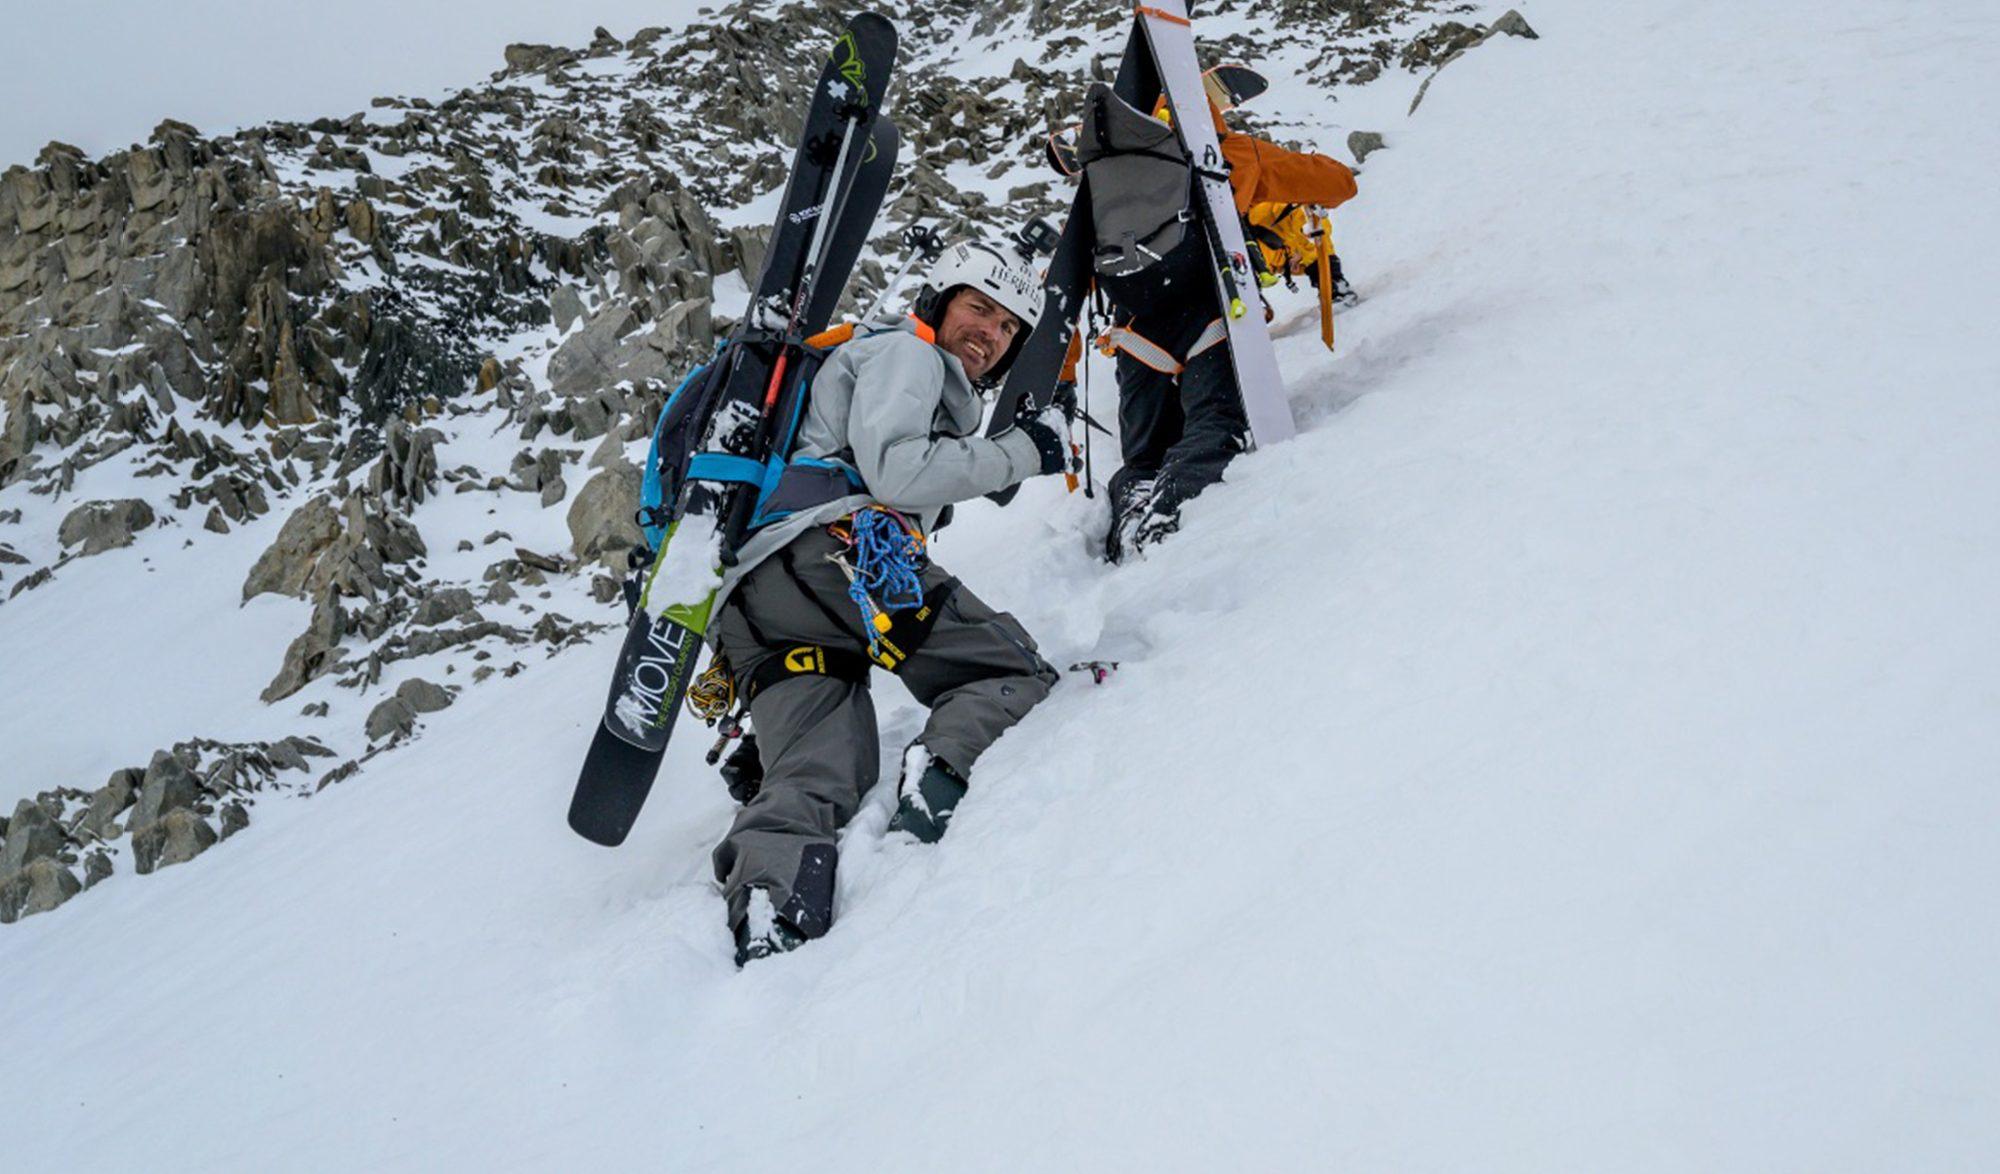 Go explore Chamonix